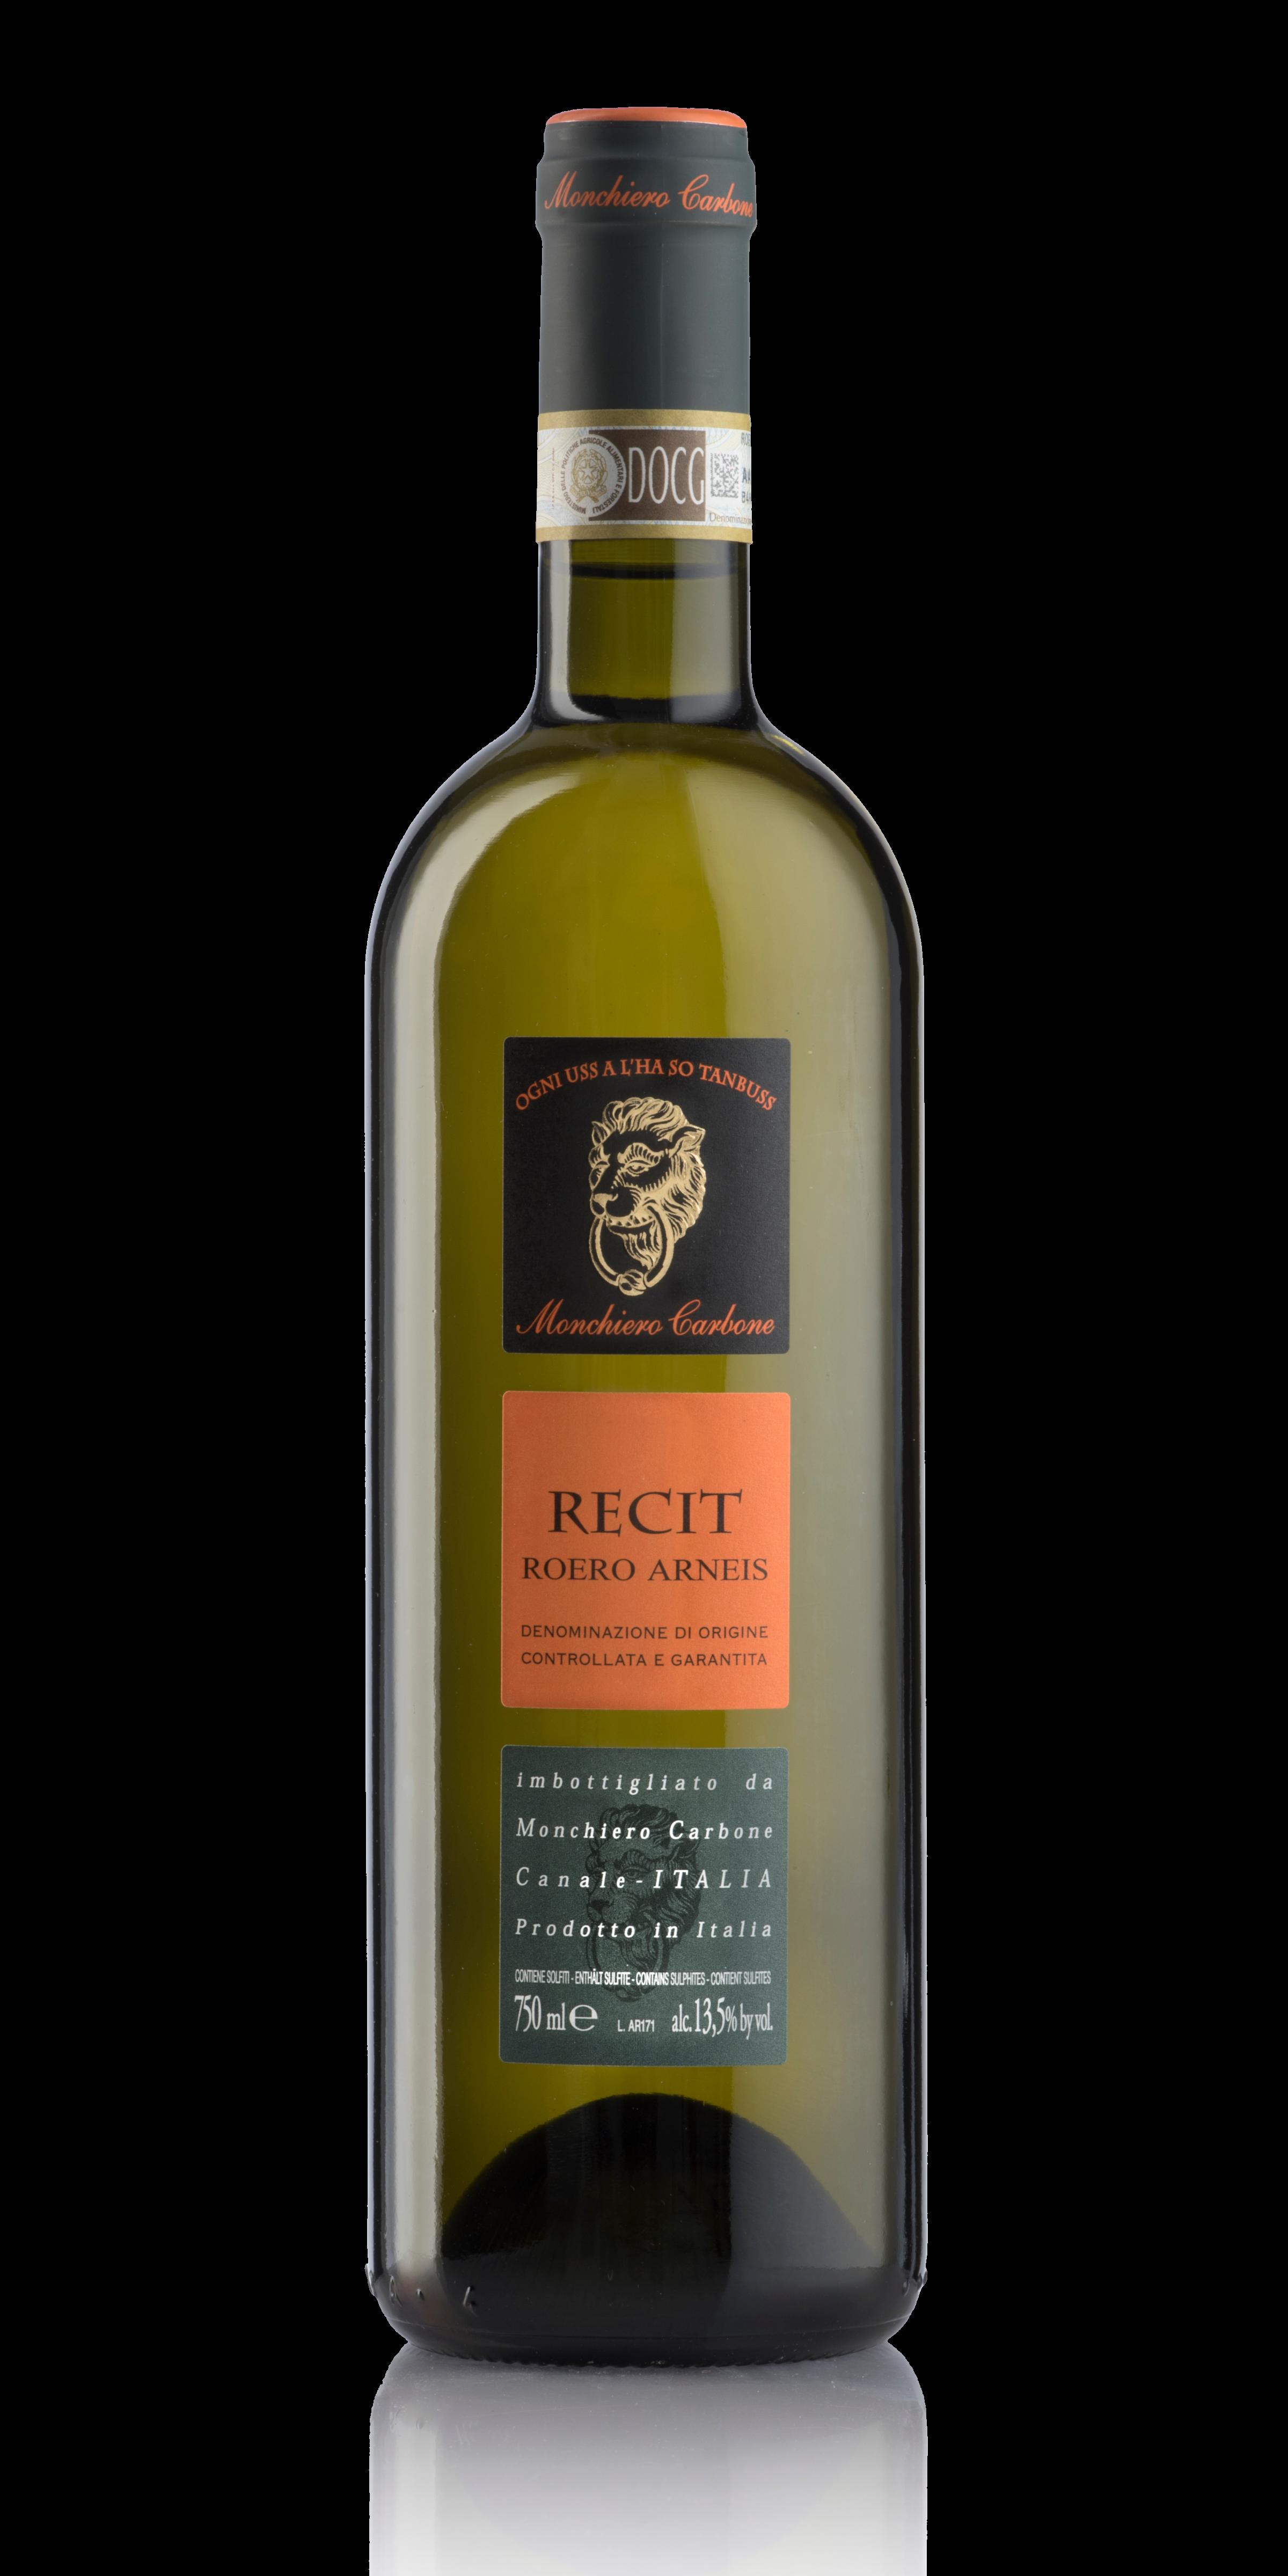 Recit Roero Arneis bottle